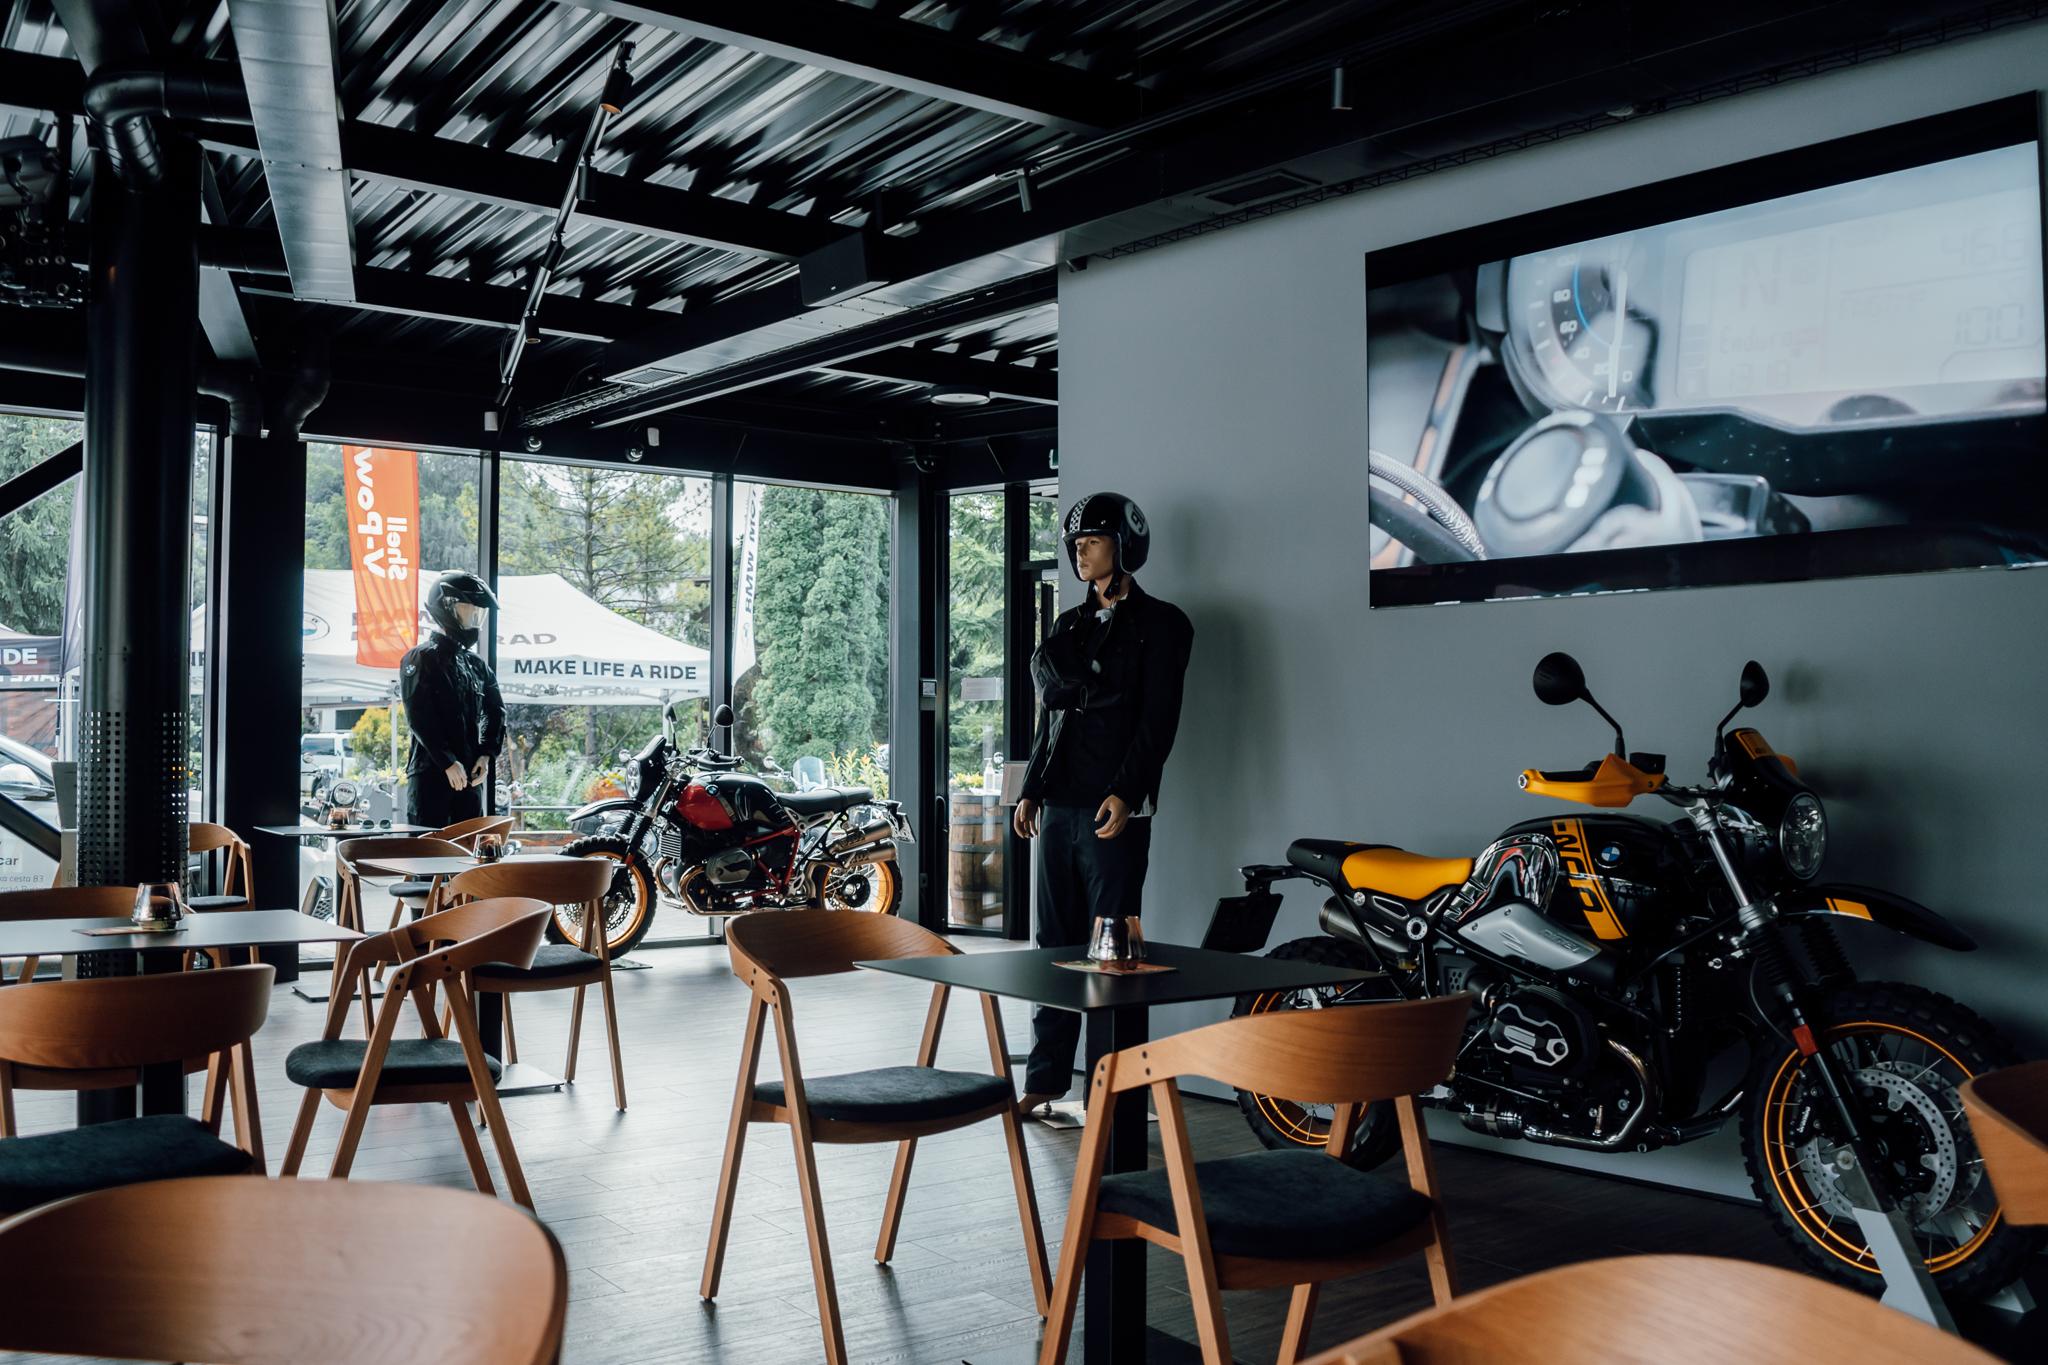 Prostory kavárny